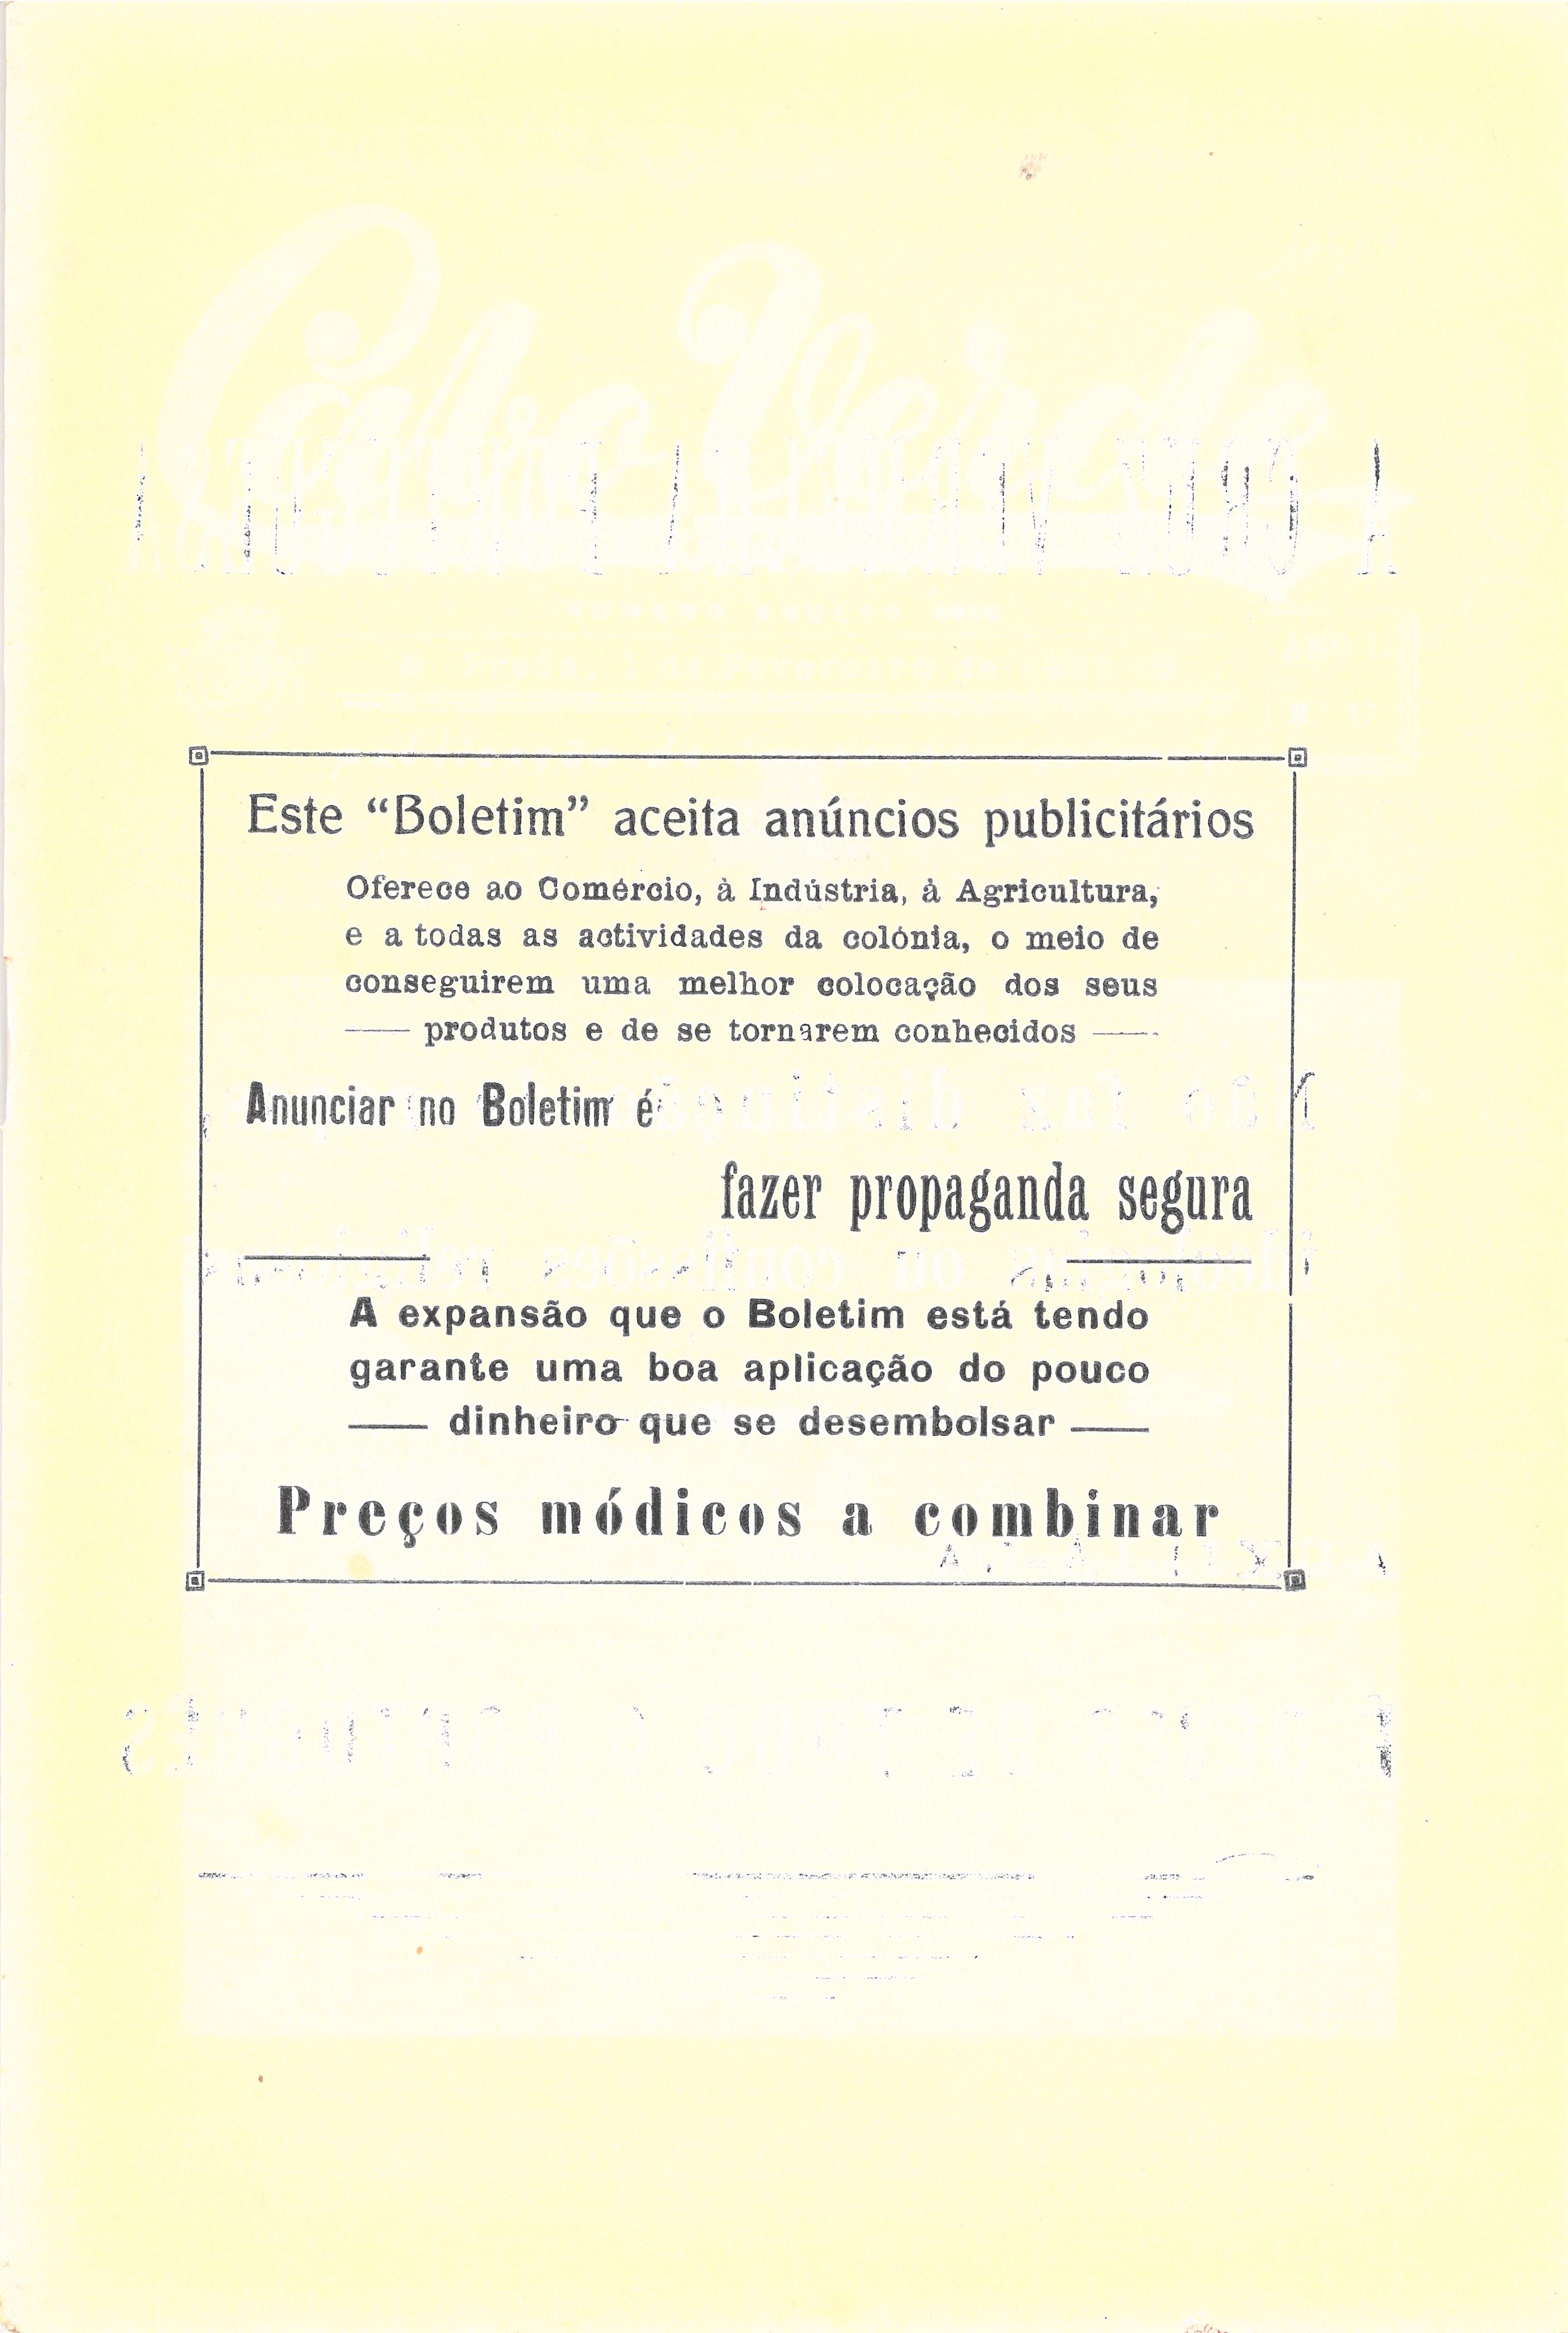 revista de cabo verde3 fev 51 (2)